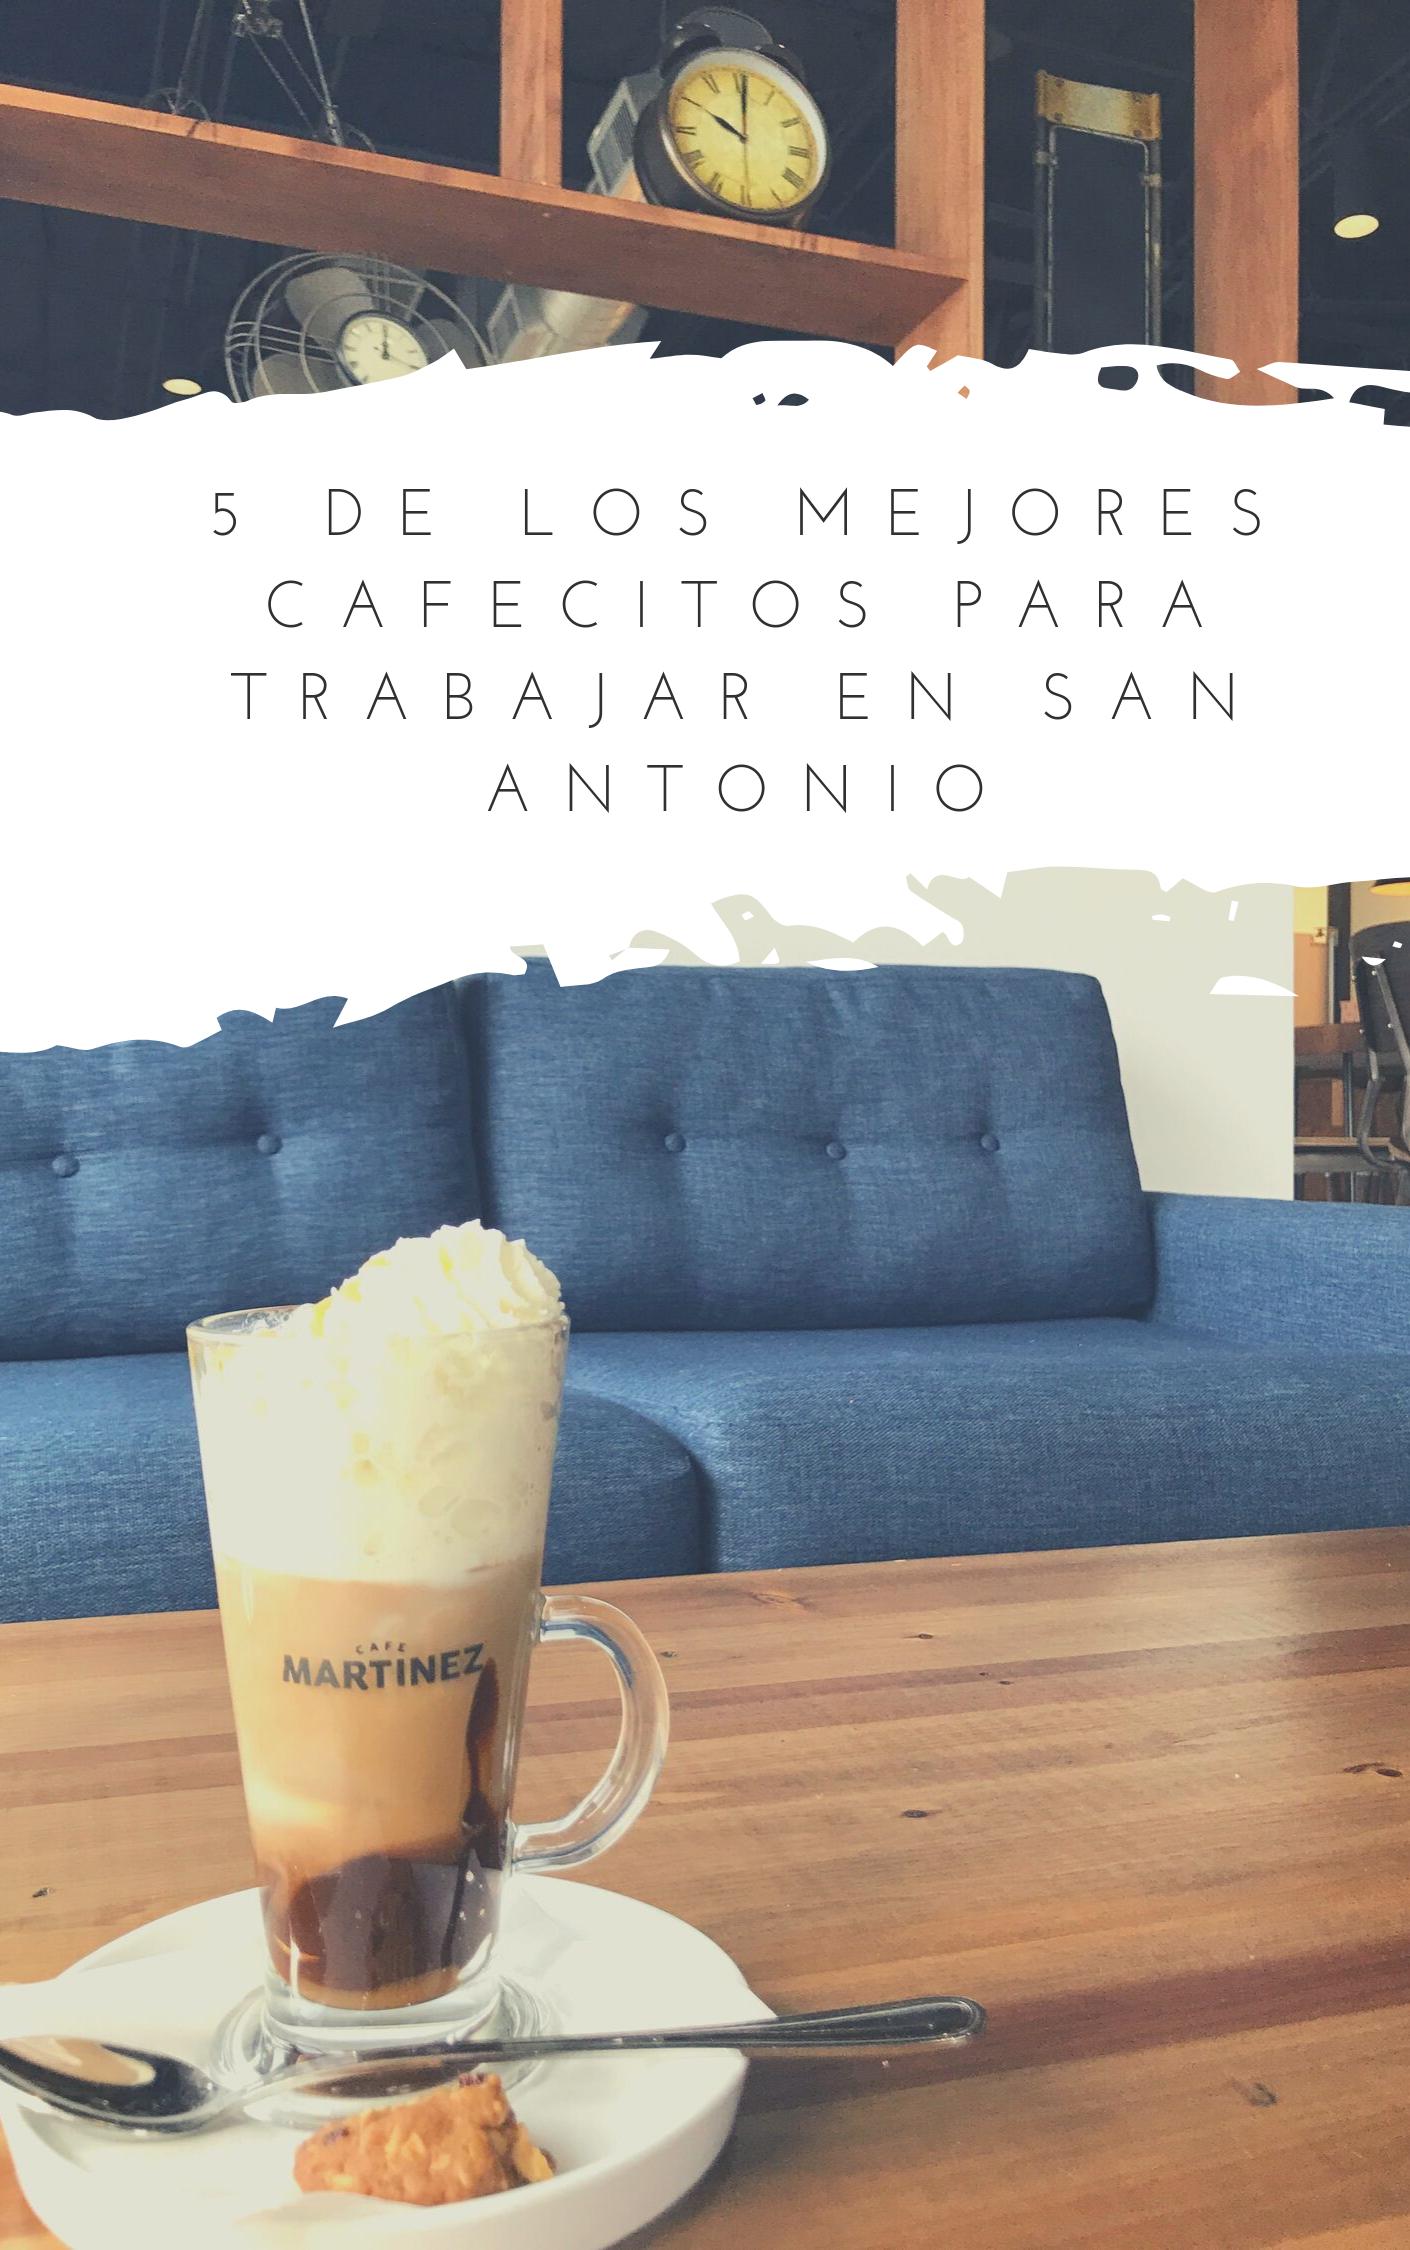 5 de los mejores cafecitos para trabajar en San Antonio